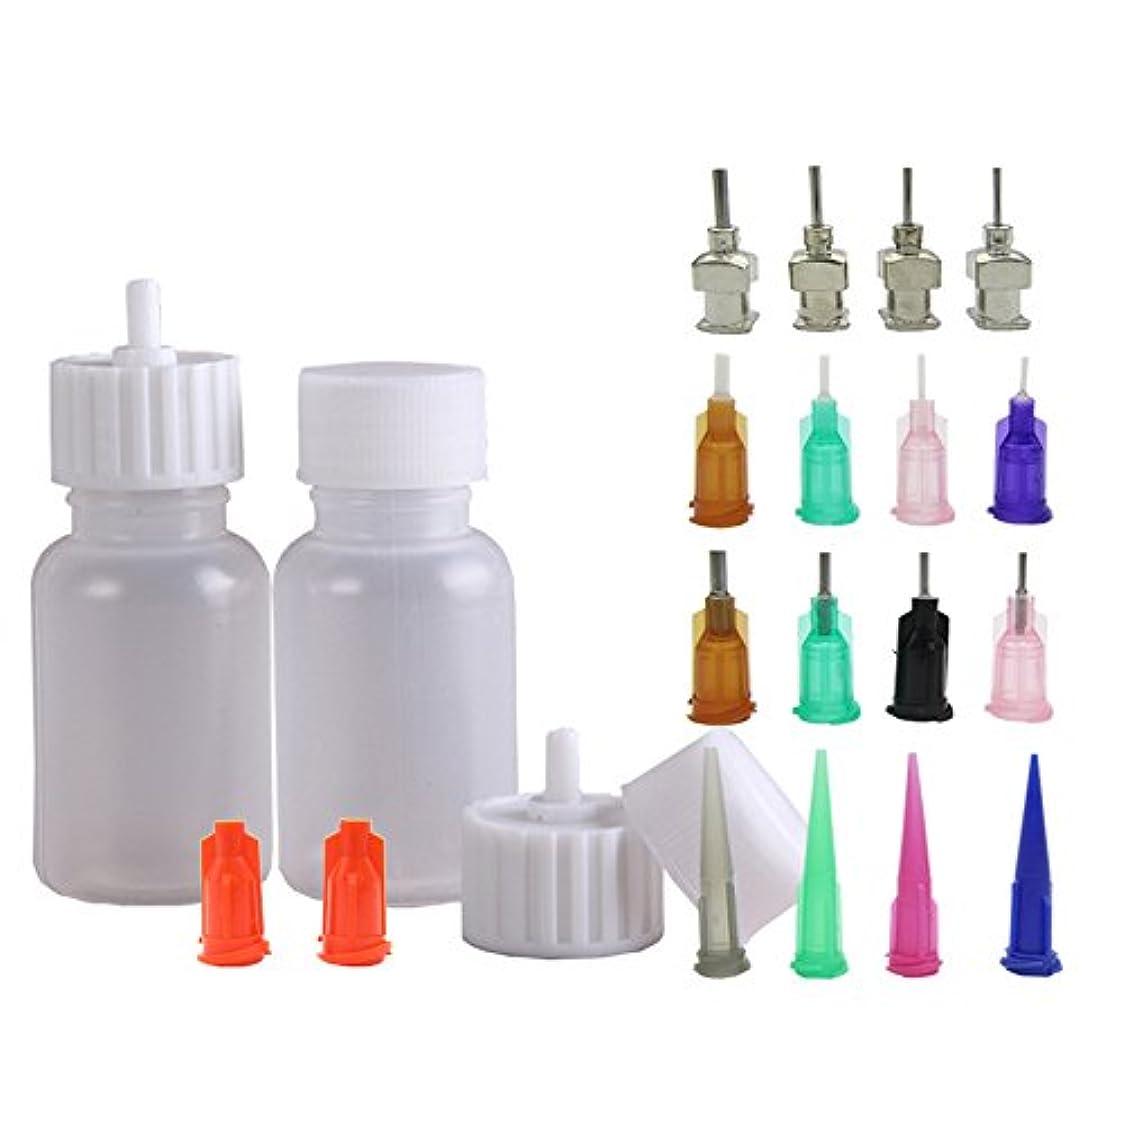 着替える毒フリルヘナタトゥー用ヘナコーン 保存用のアプリケーターボトル 多目的精密アプリケーター液体容器容器 ドロッパーボトル ニードルチップと蓋つ付き